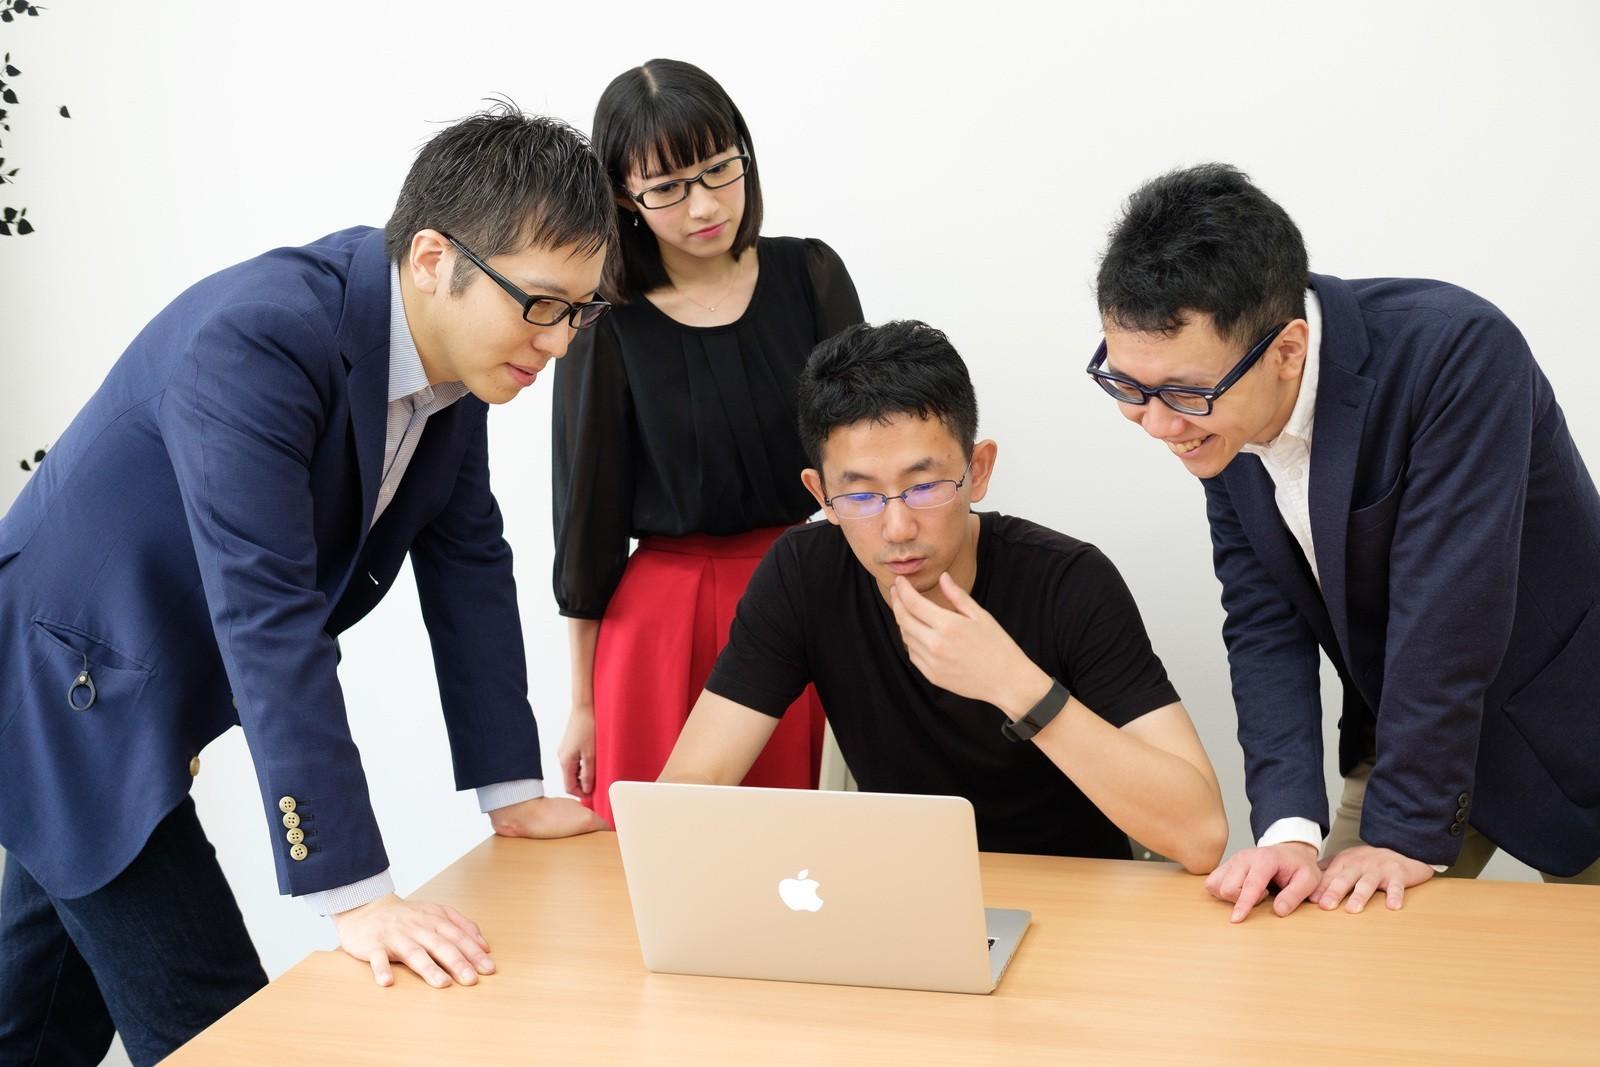 使いやすくセキュアな仮想通貨ウォレットサービスを AWS で構築・運用するインフラエンジニア募集!